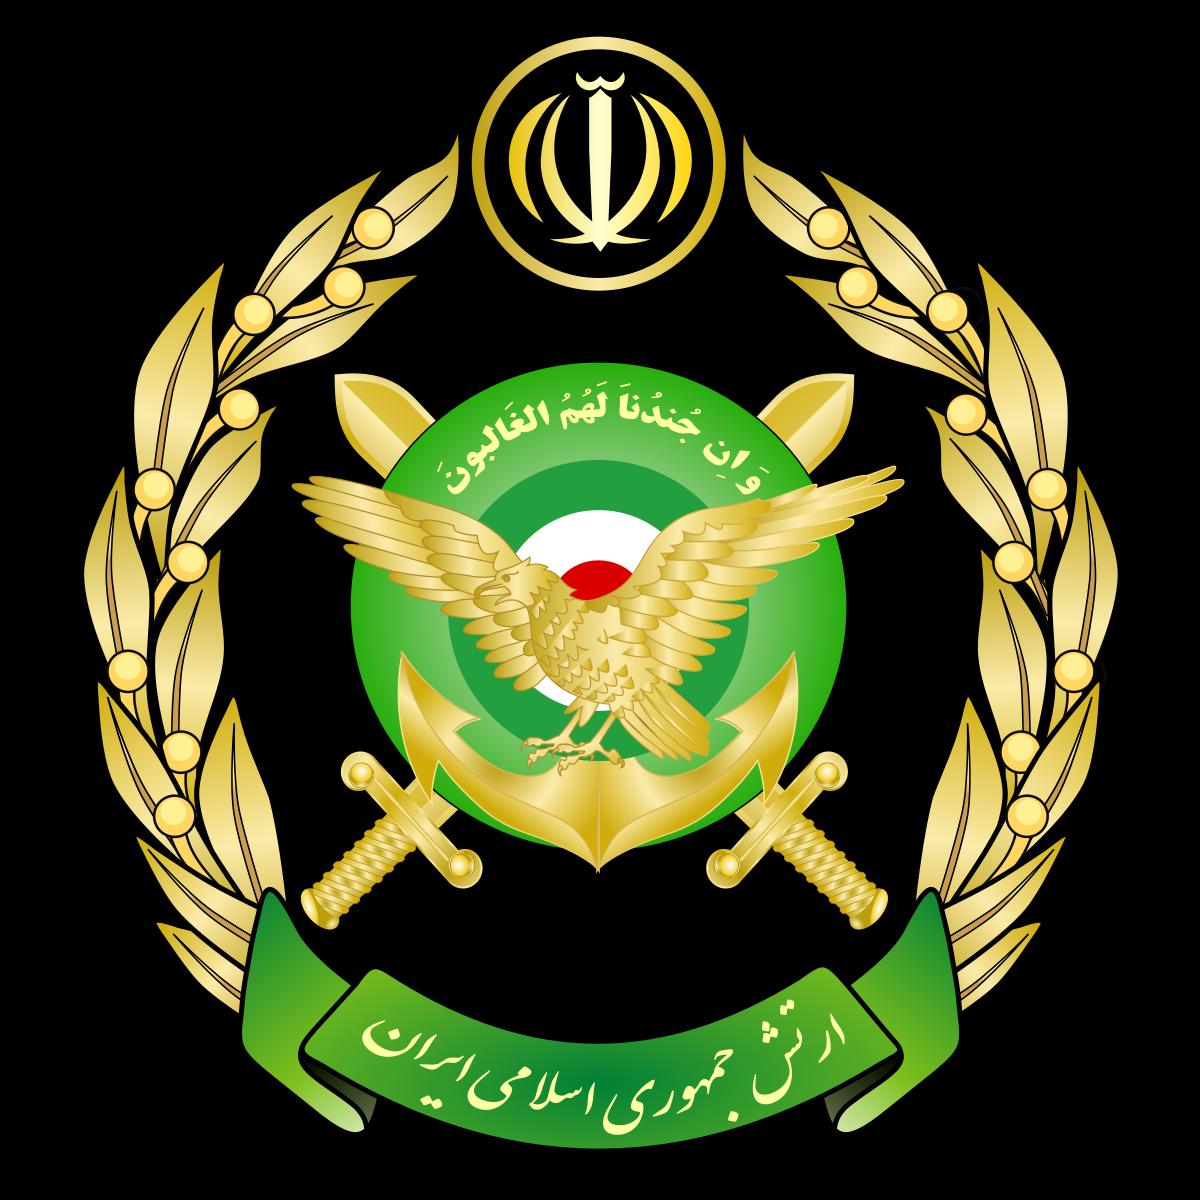 سوم خرداد از بارزترین جلوههای نصرت الهی در تاریخ جمهوری اسلامی ایران است/ خنثی شدن توطئههای اقتصادی و سیاسی دشمنان توسط مردم